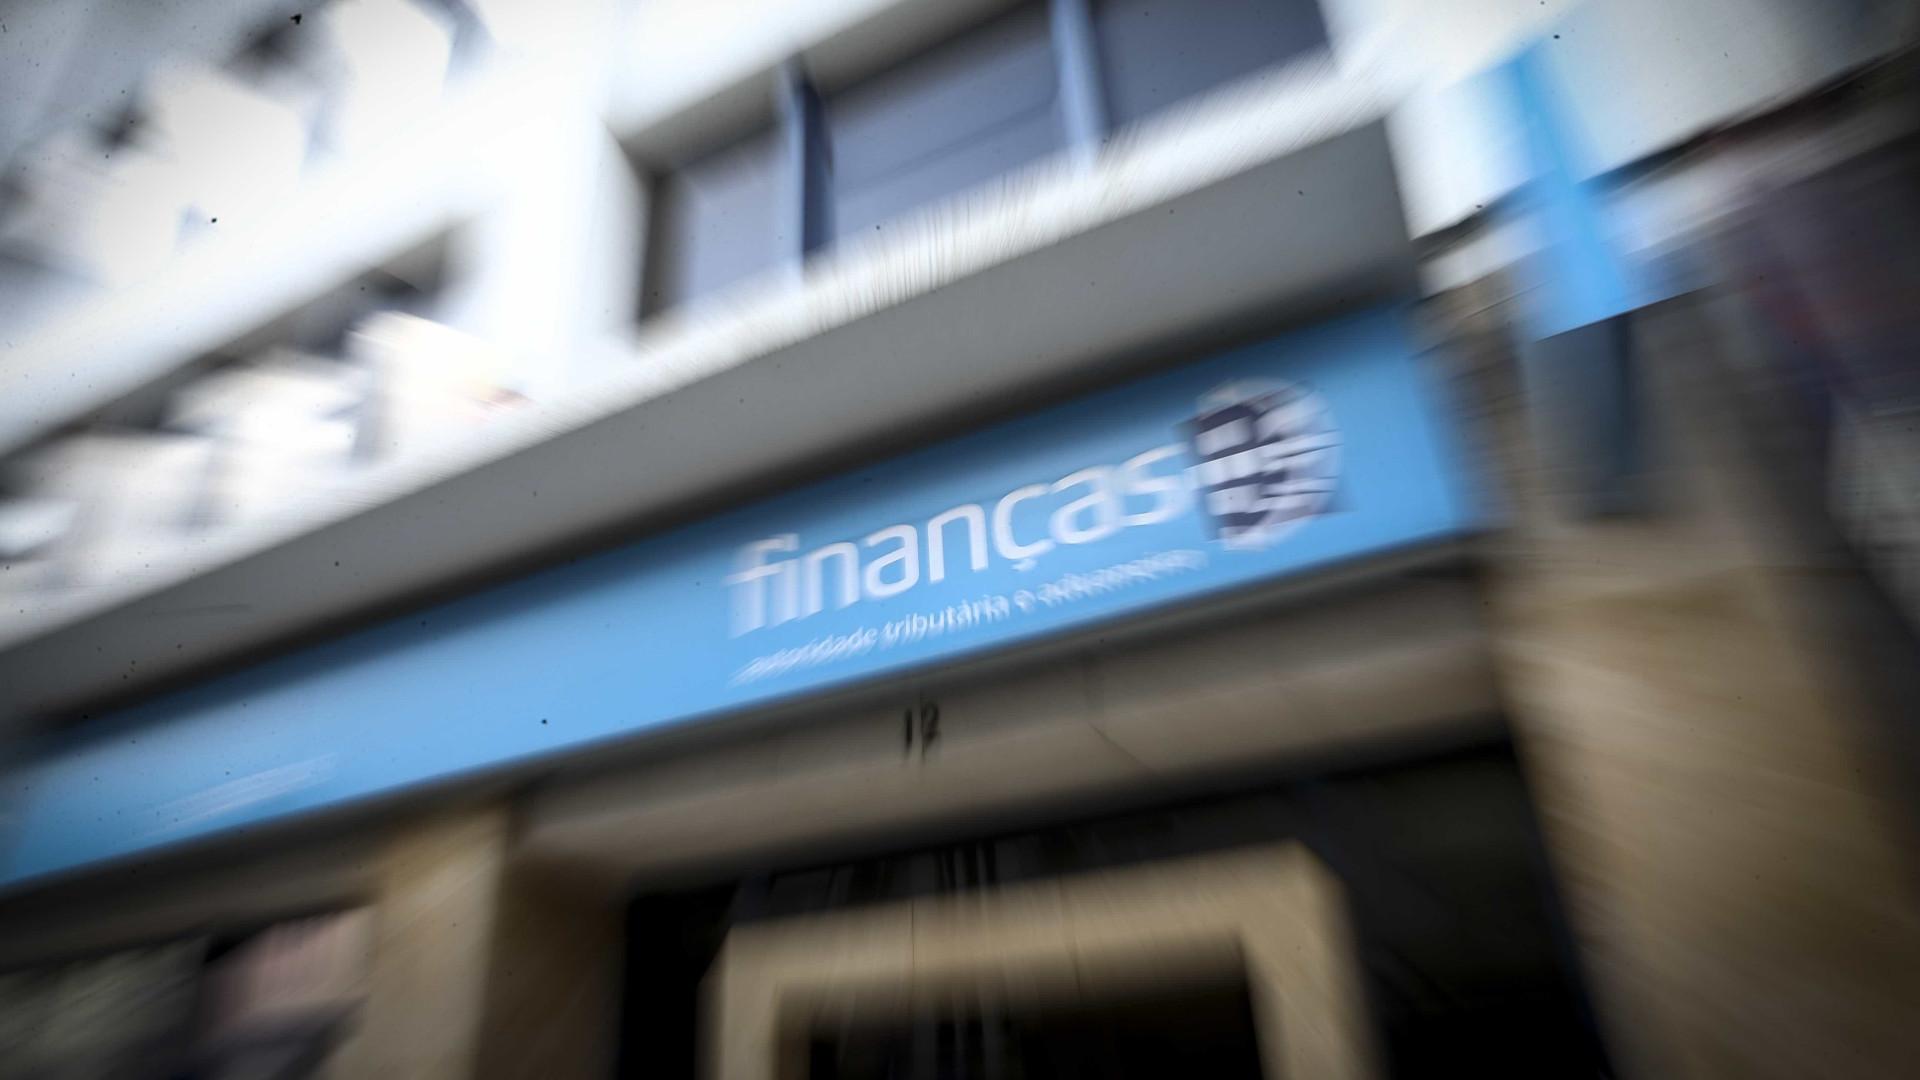 Trabalhadores das Finanças pedem suspensão da atividade presencial